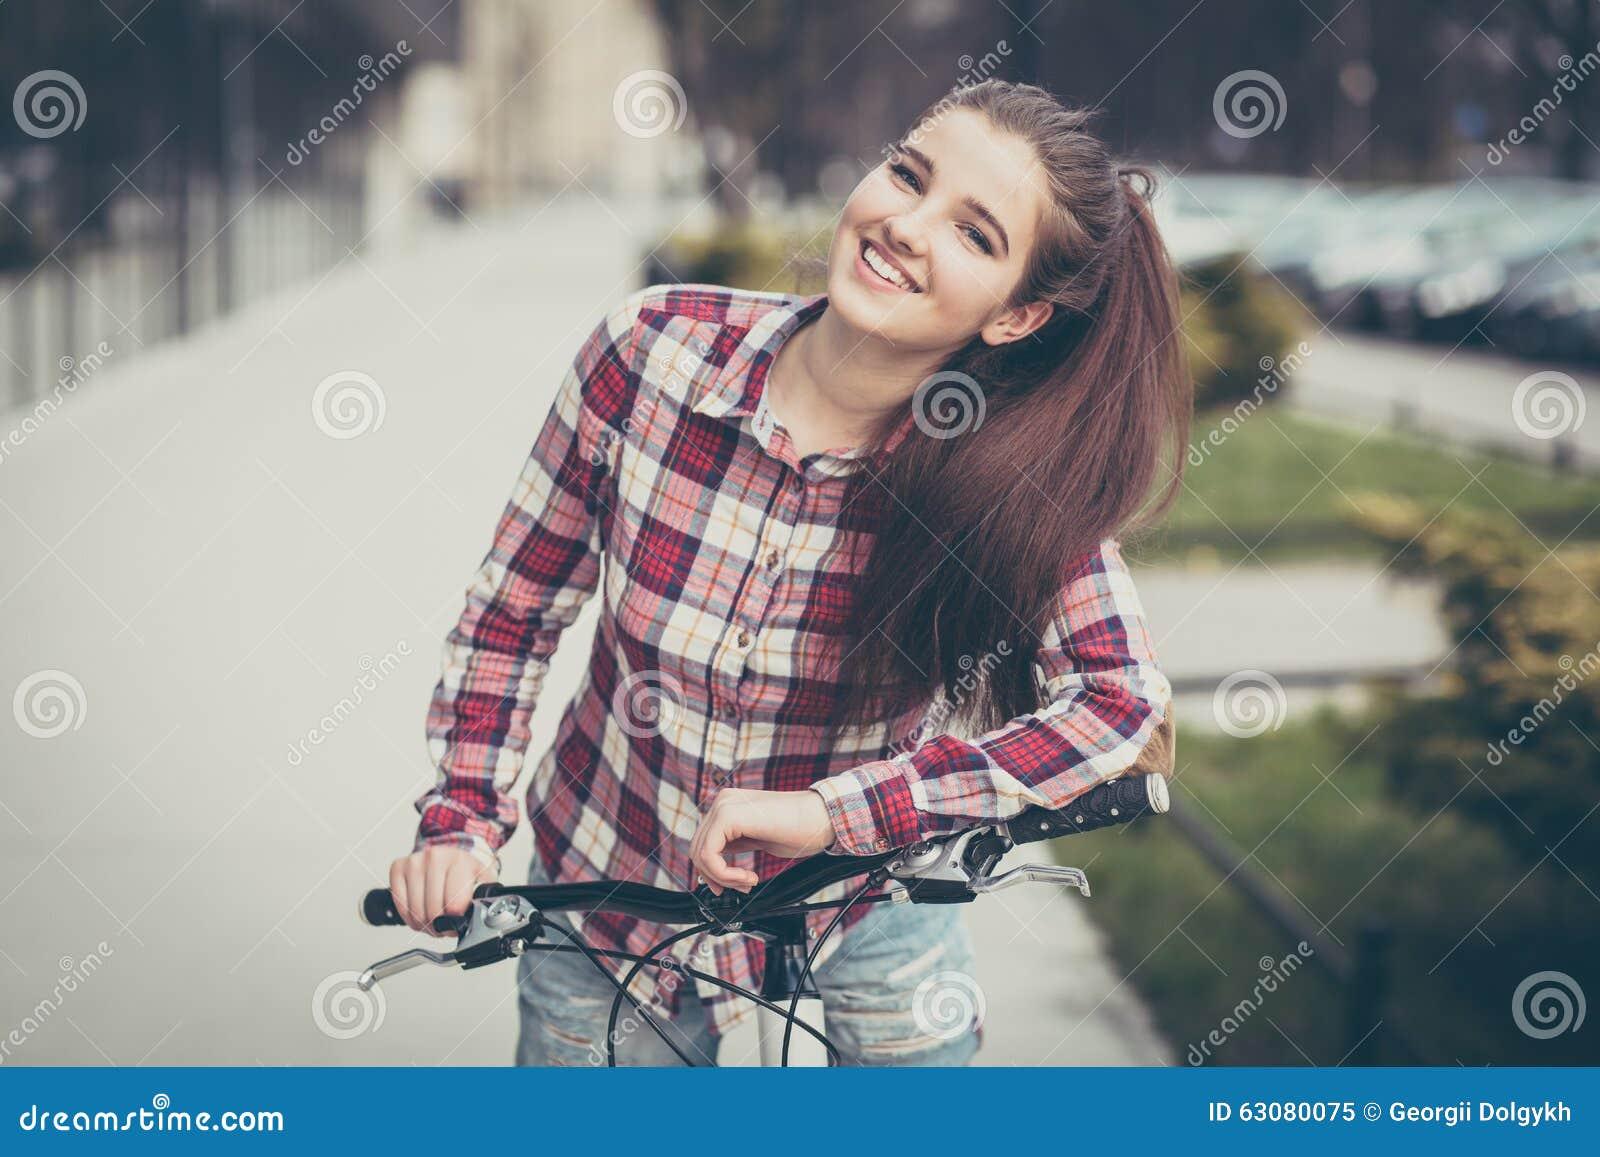 Download Jeune Belle Femme Sur Une Bicyclette Image stock - Image du sourire, adulte: 63080075